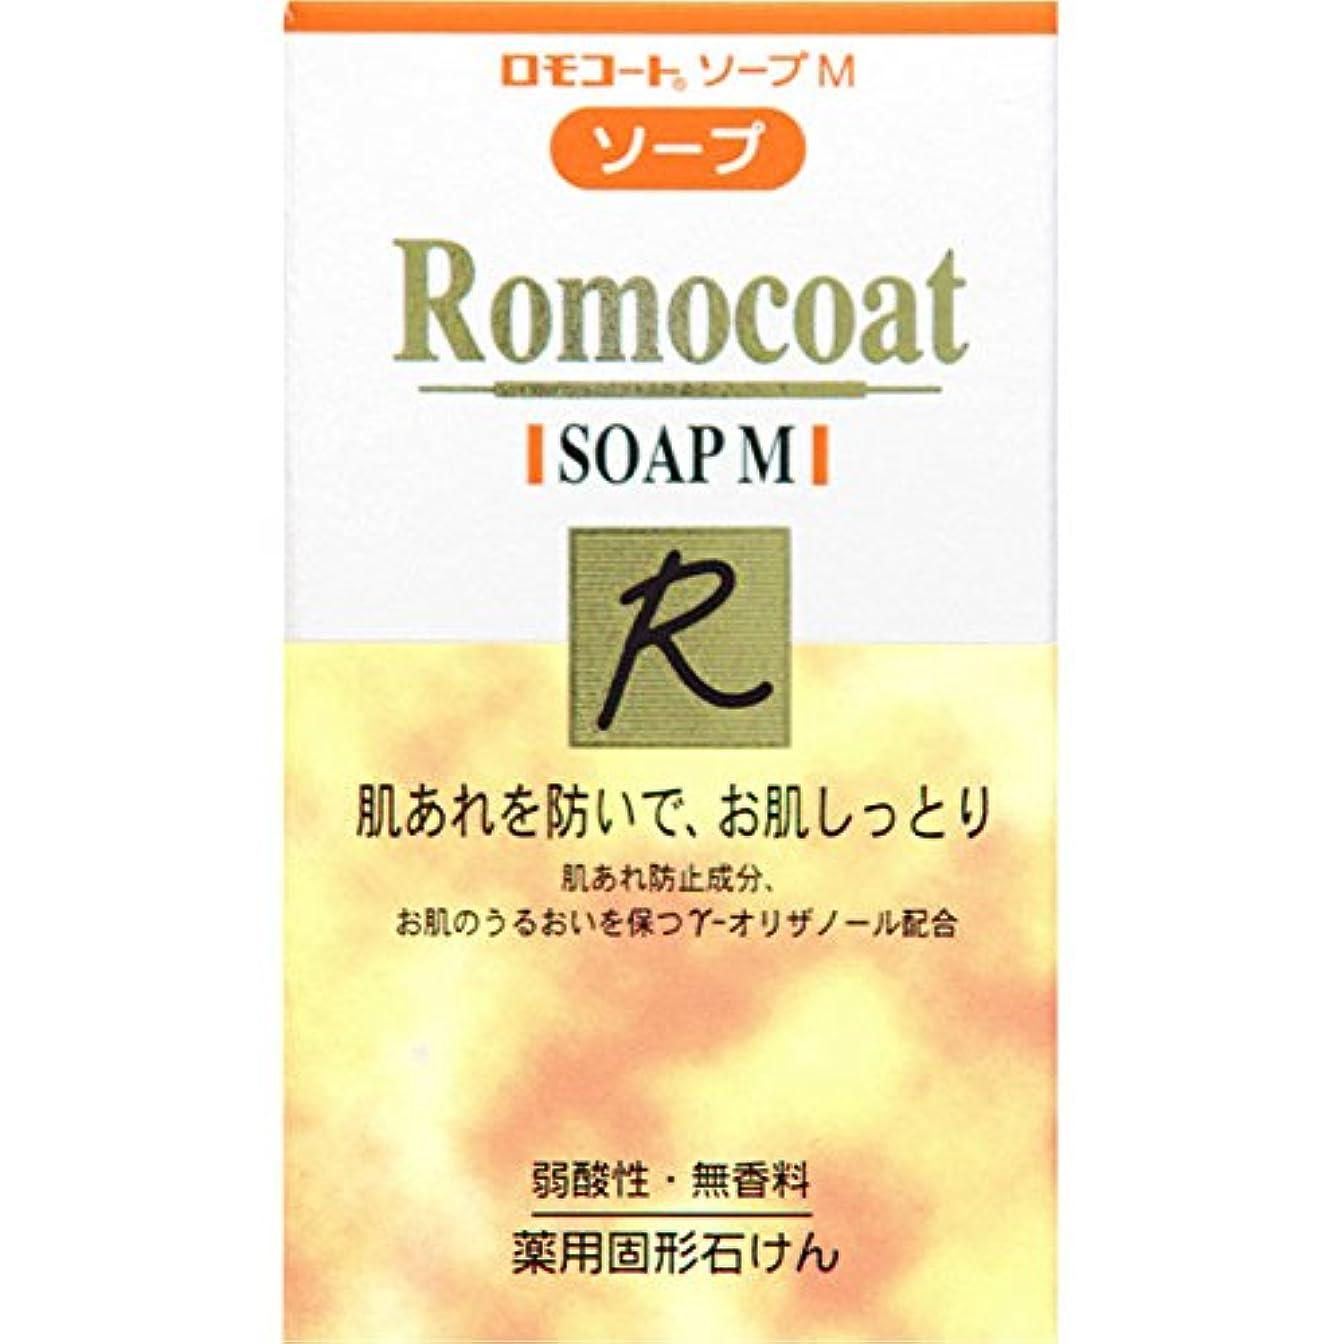 輸血狼モスク全薬工業 ロモコート ソープM 60g (医薬部外品)